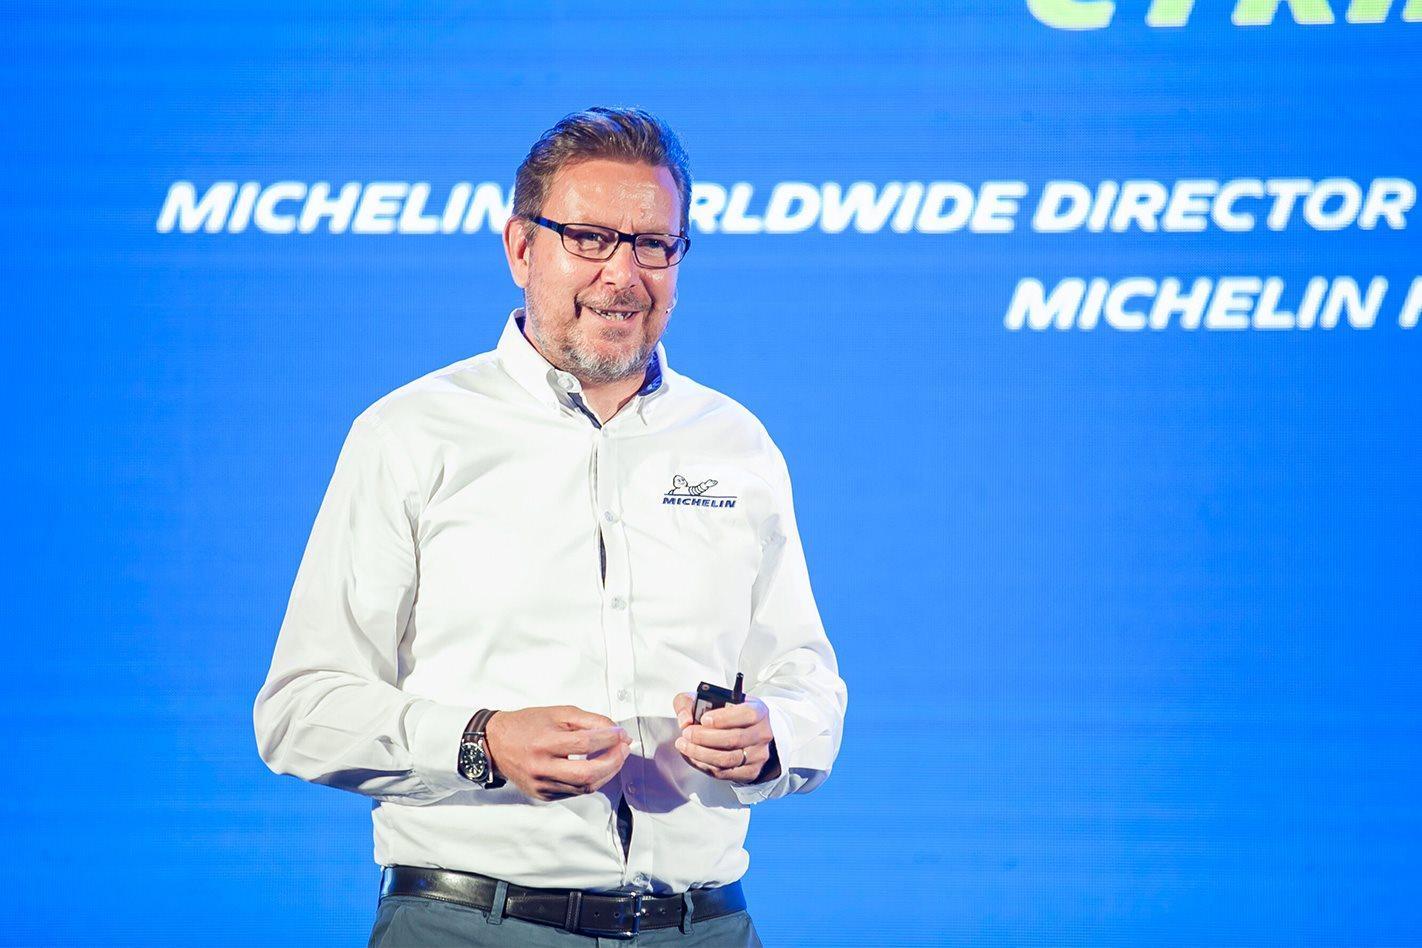 Мишлен разрабатывает непневматические колеса X Tweel для оснащения легковых автомобилей